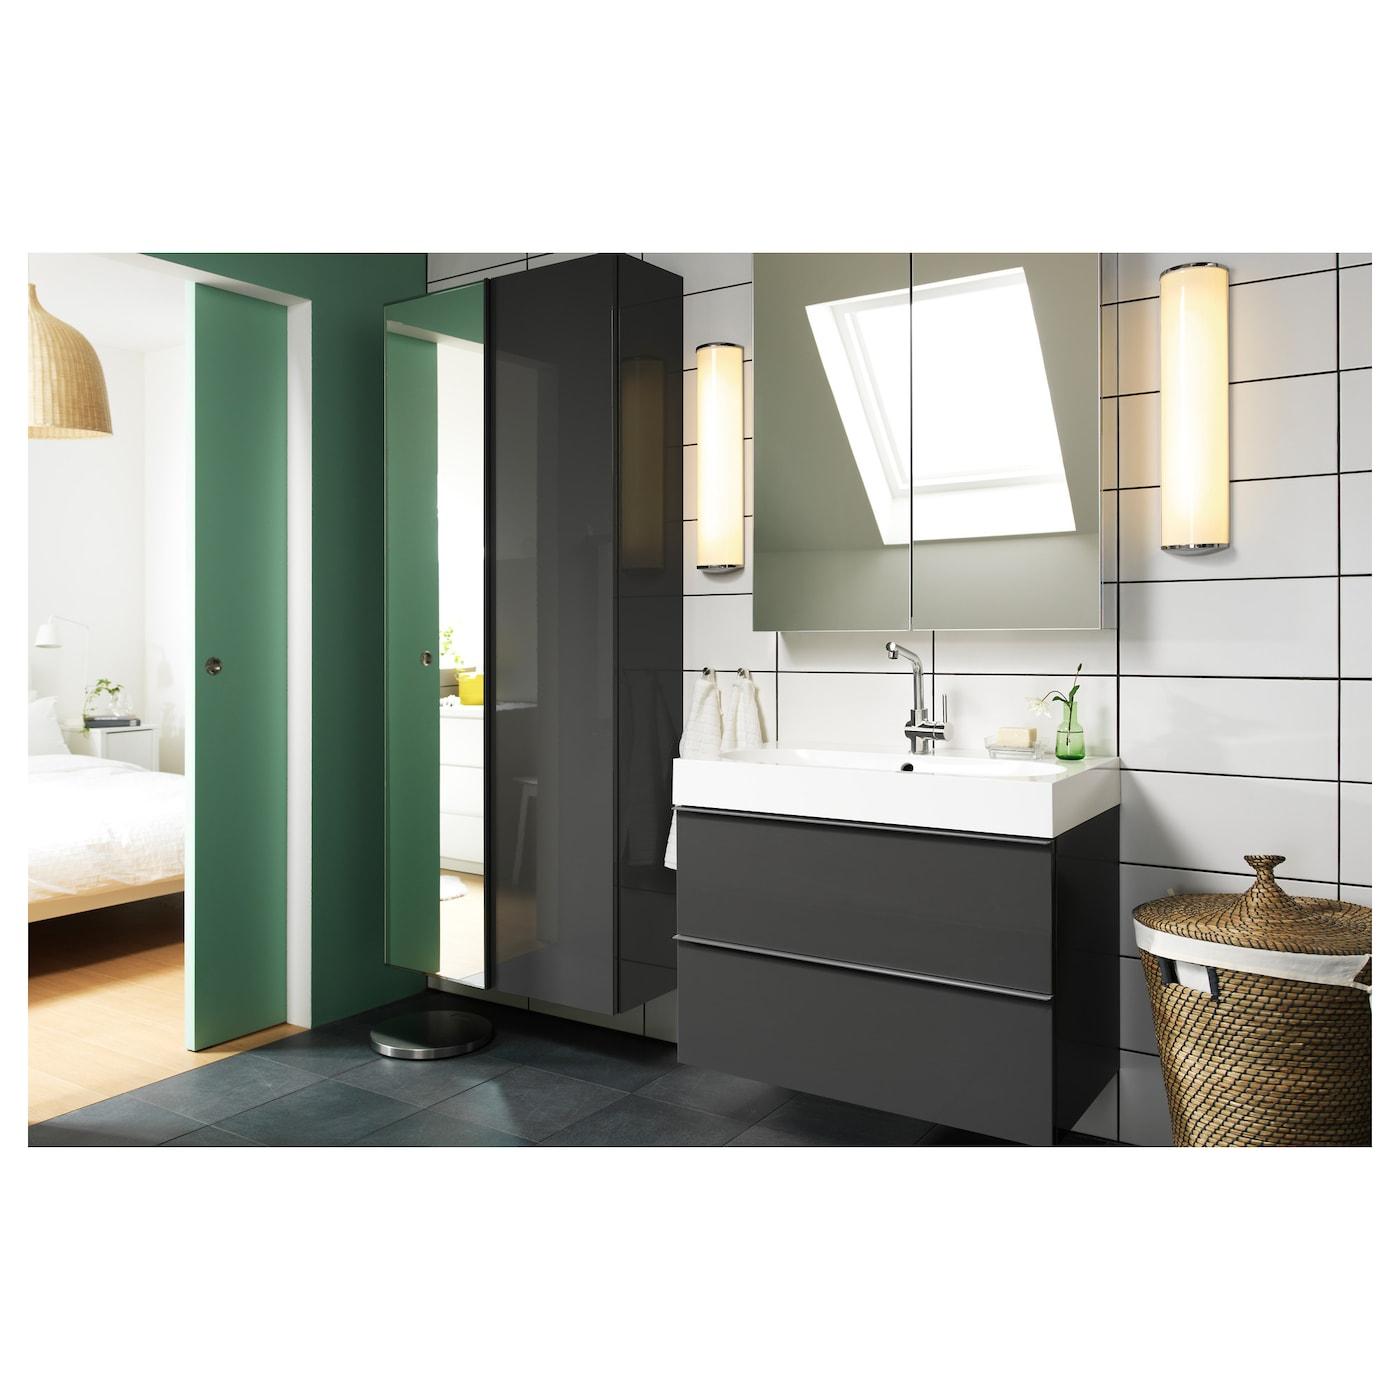 Br viken godmorgon armario lavabo 2 cajones alto brillo gris 80 x 48 x 68 cm ikea - Godmorgon ikea mobile alto ...